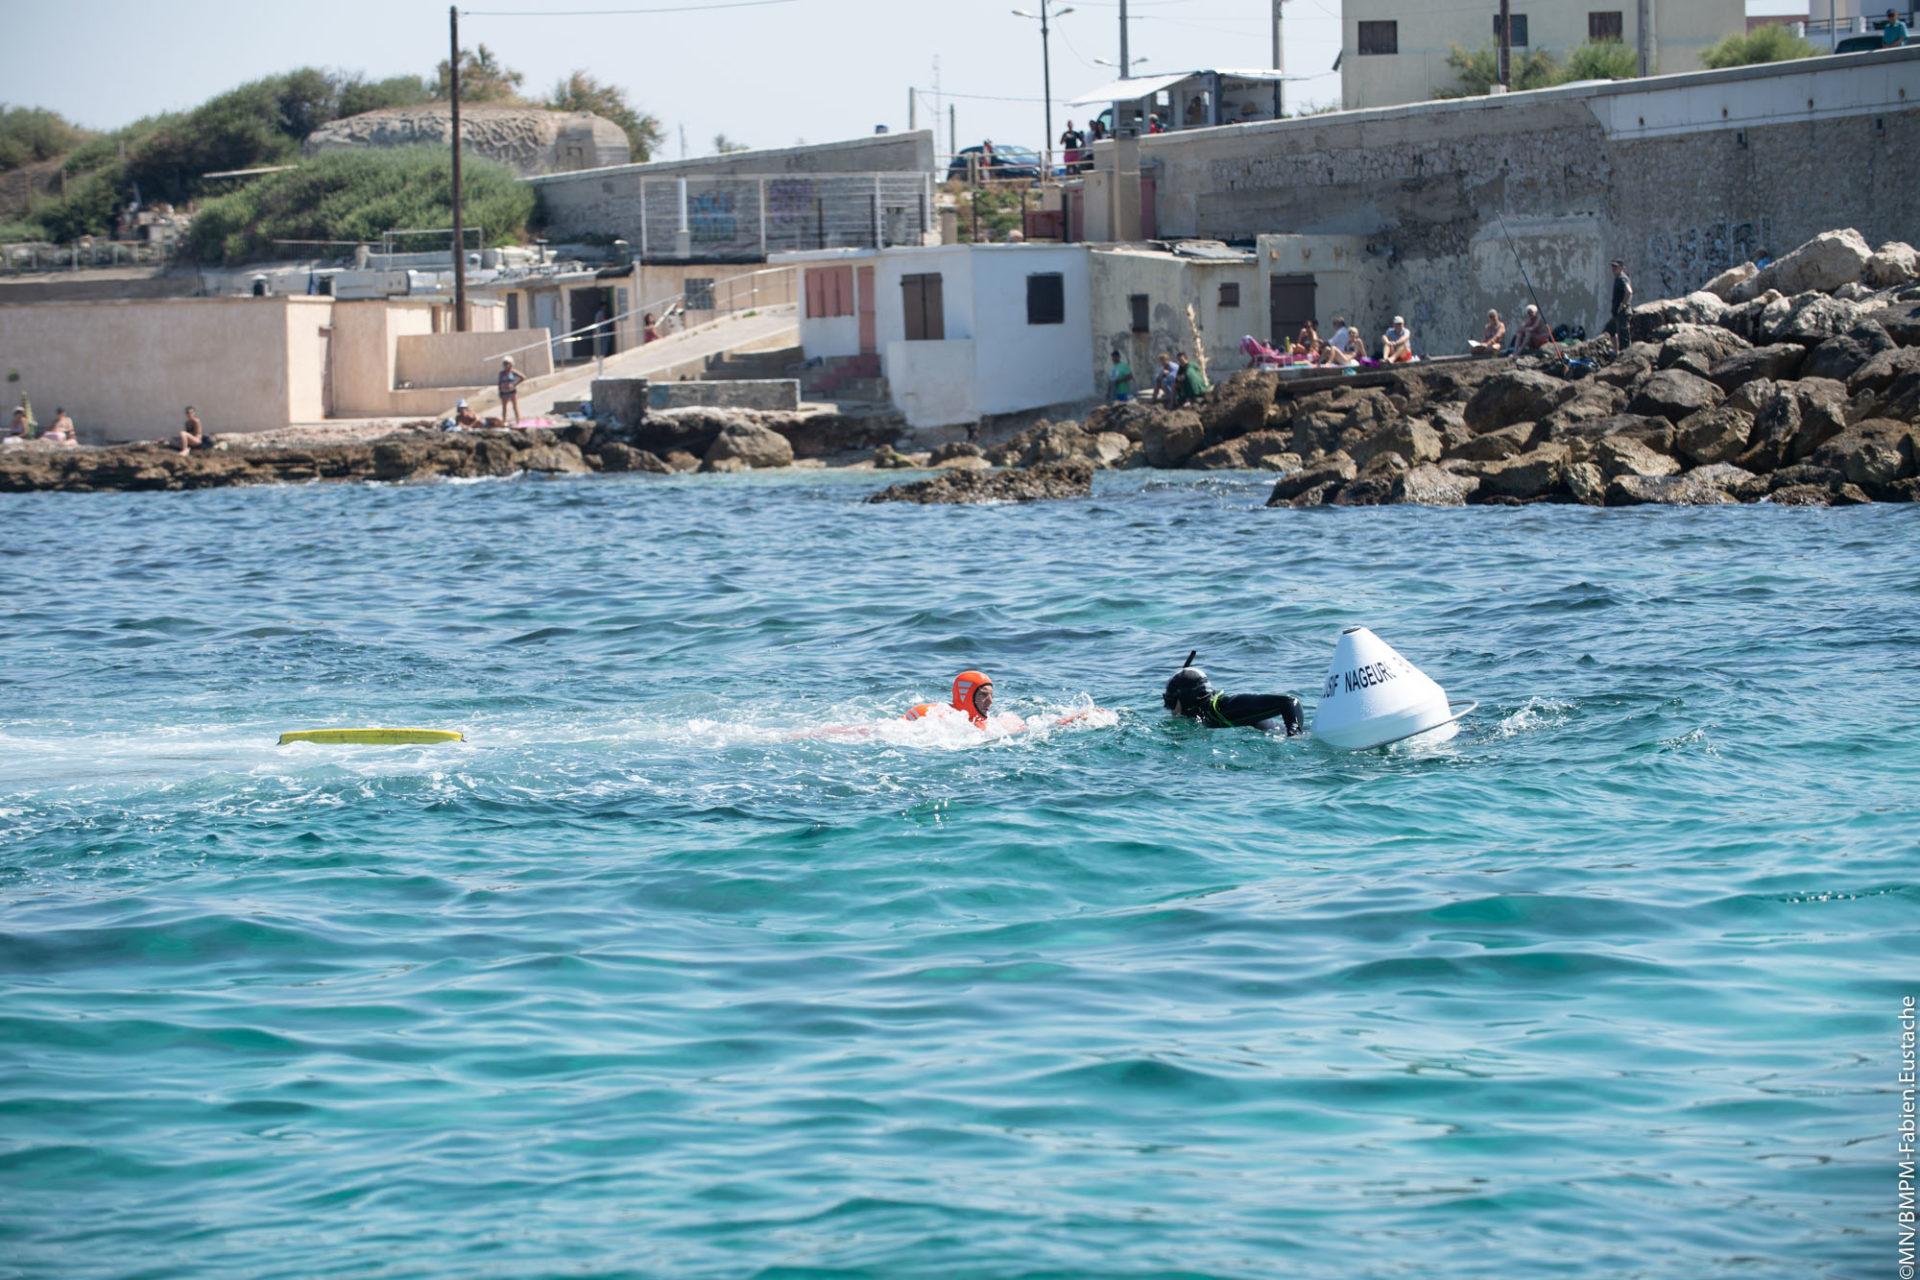 🇫🇷 Marseille (13) : Un nageur en difficulté sauvé grâce à une bouée de repos